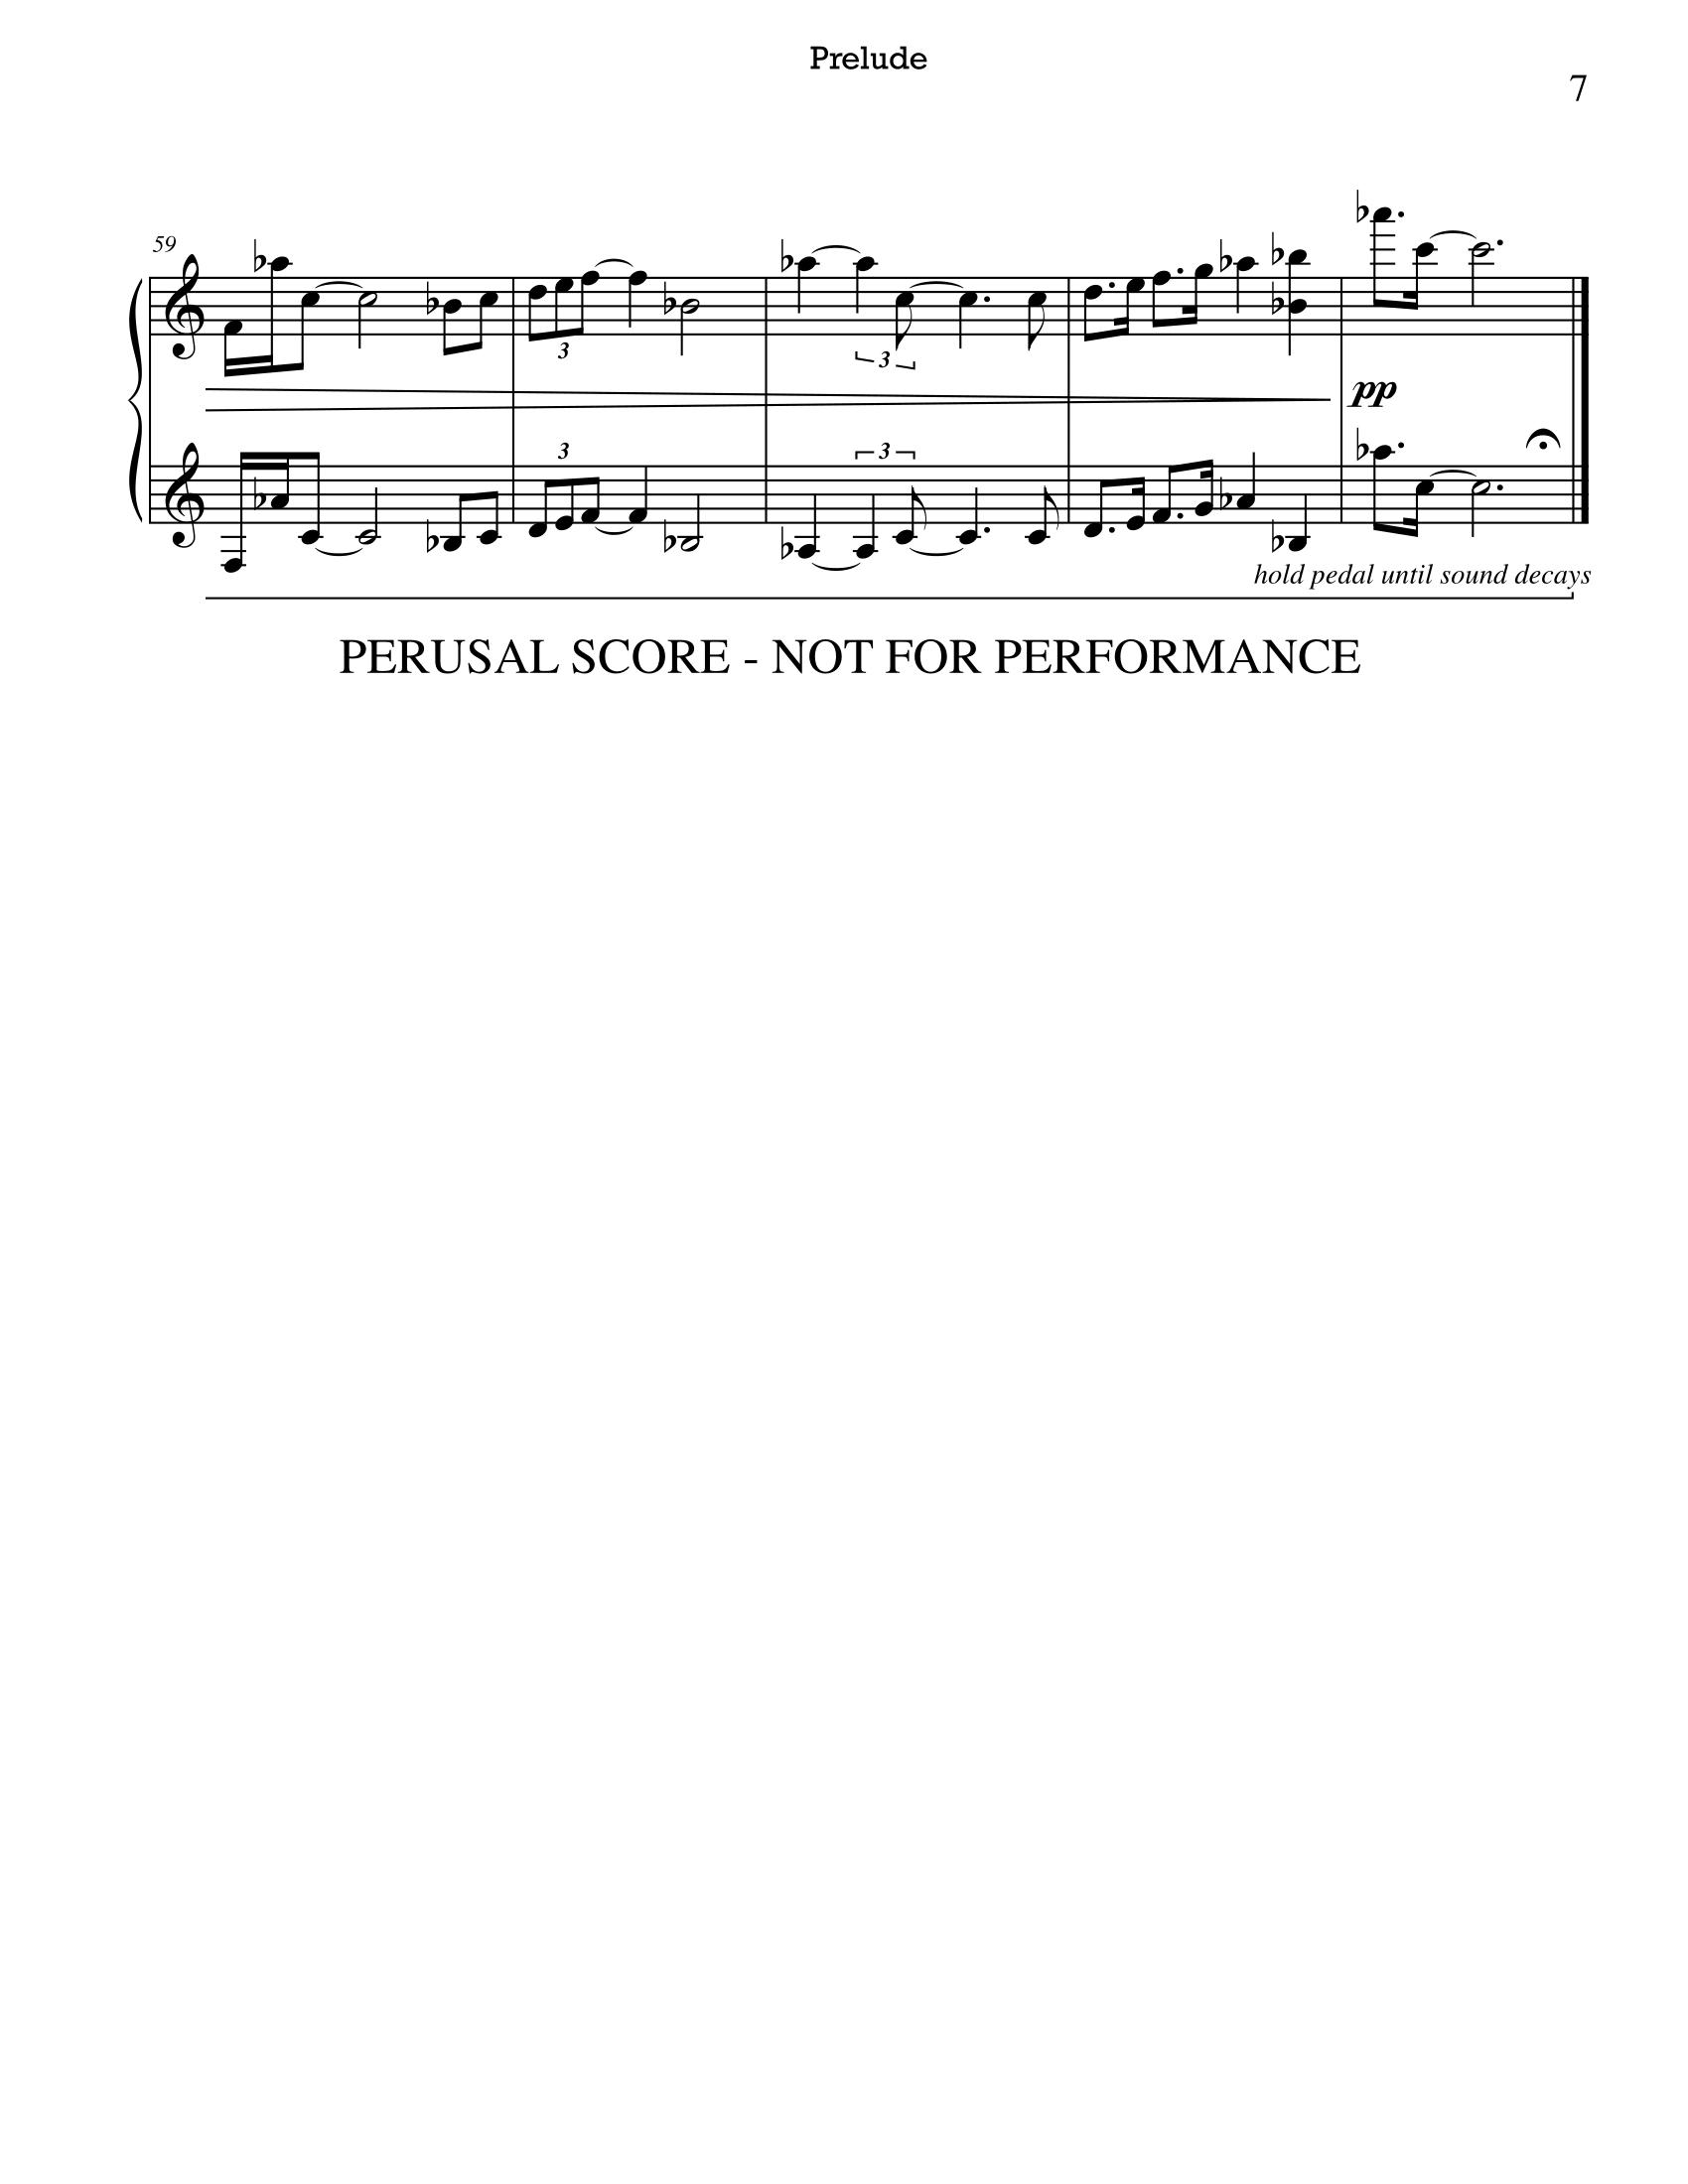 Prelude Perusal-9.png